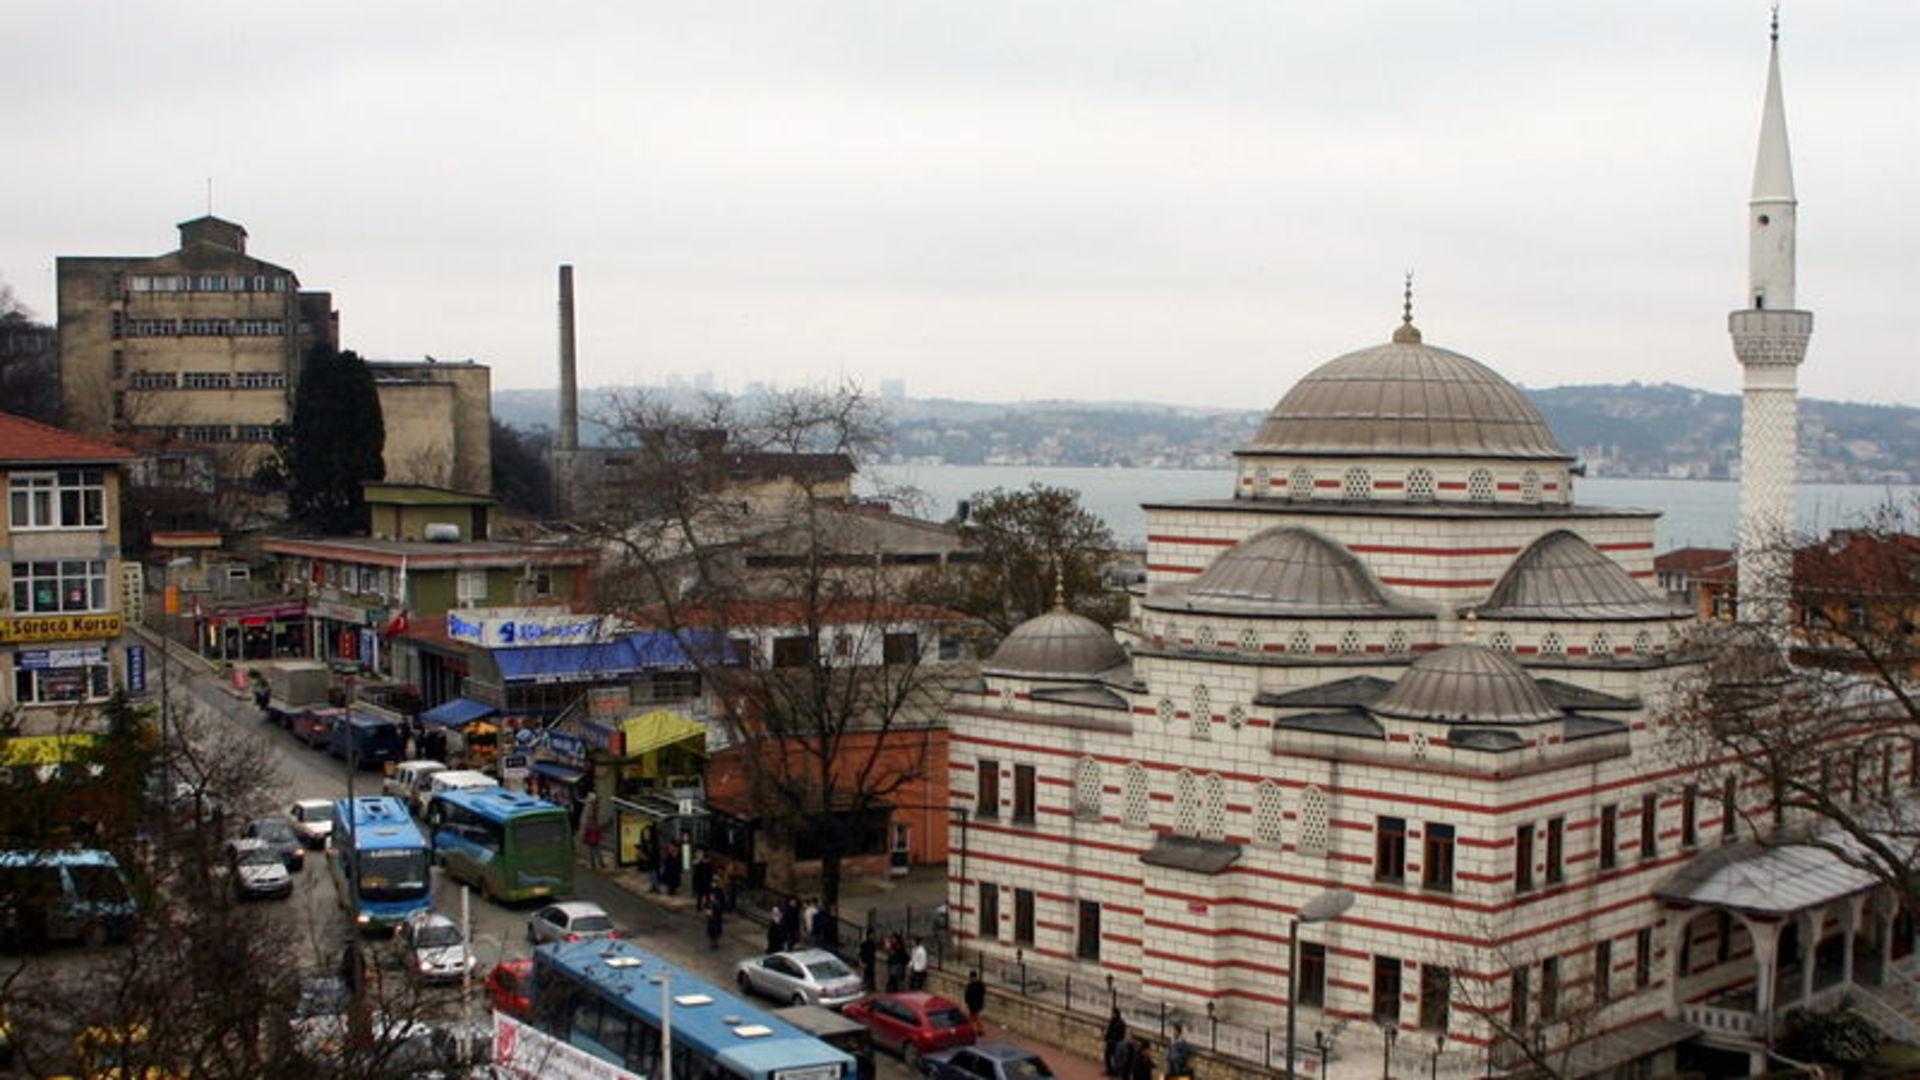 Osmanlı padişahı III. Mustafa İstanbul'da yaptırdığı 5 caminin ismini böyle kaptırmış